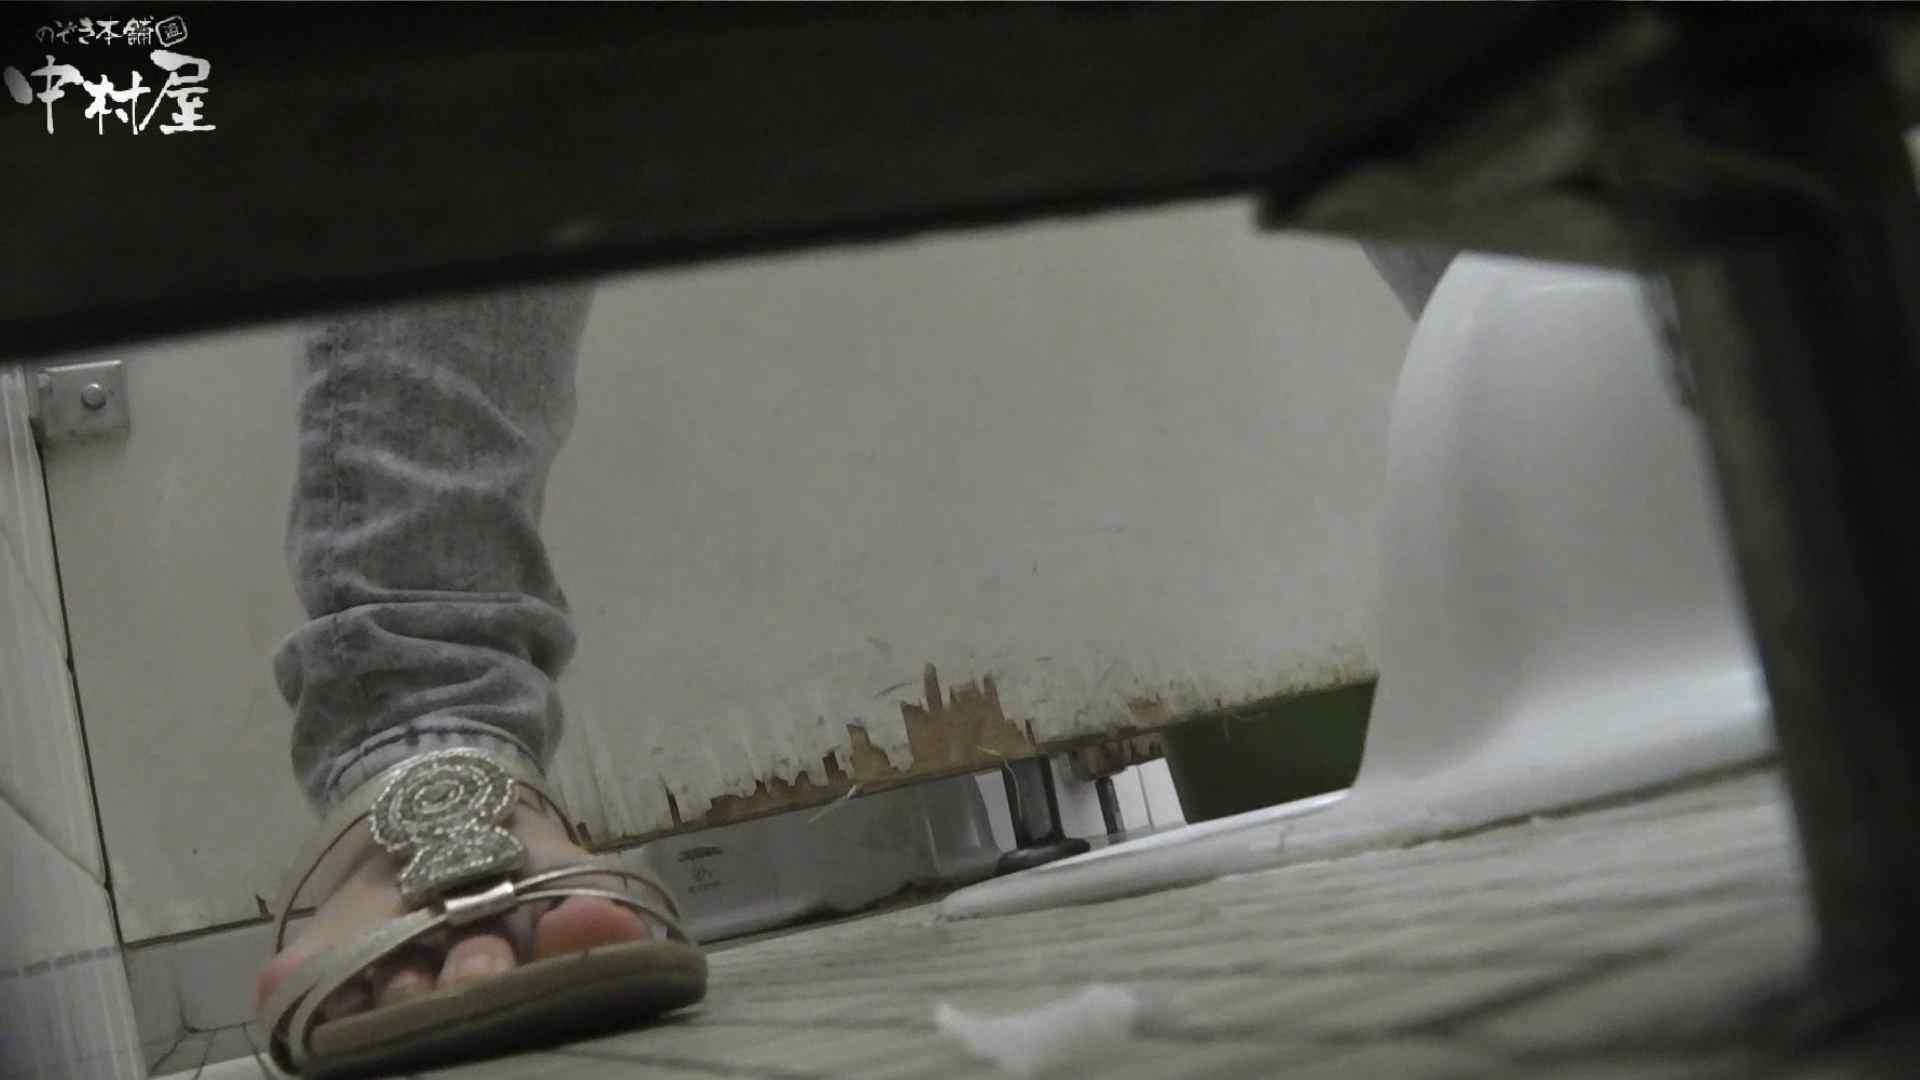 vol.45 命がけ潜伏洗面所! おしゃれおねぃさん、もよおすの巻 OLエロ画像 盗撮アダルト動画キャプチャ 42PICs 10